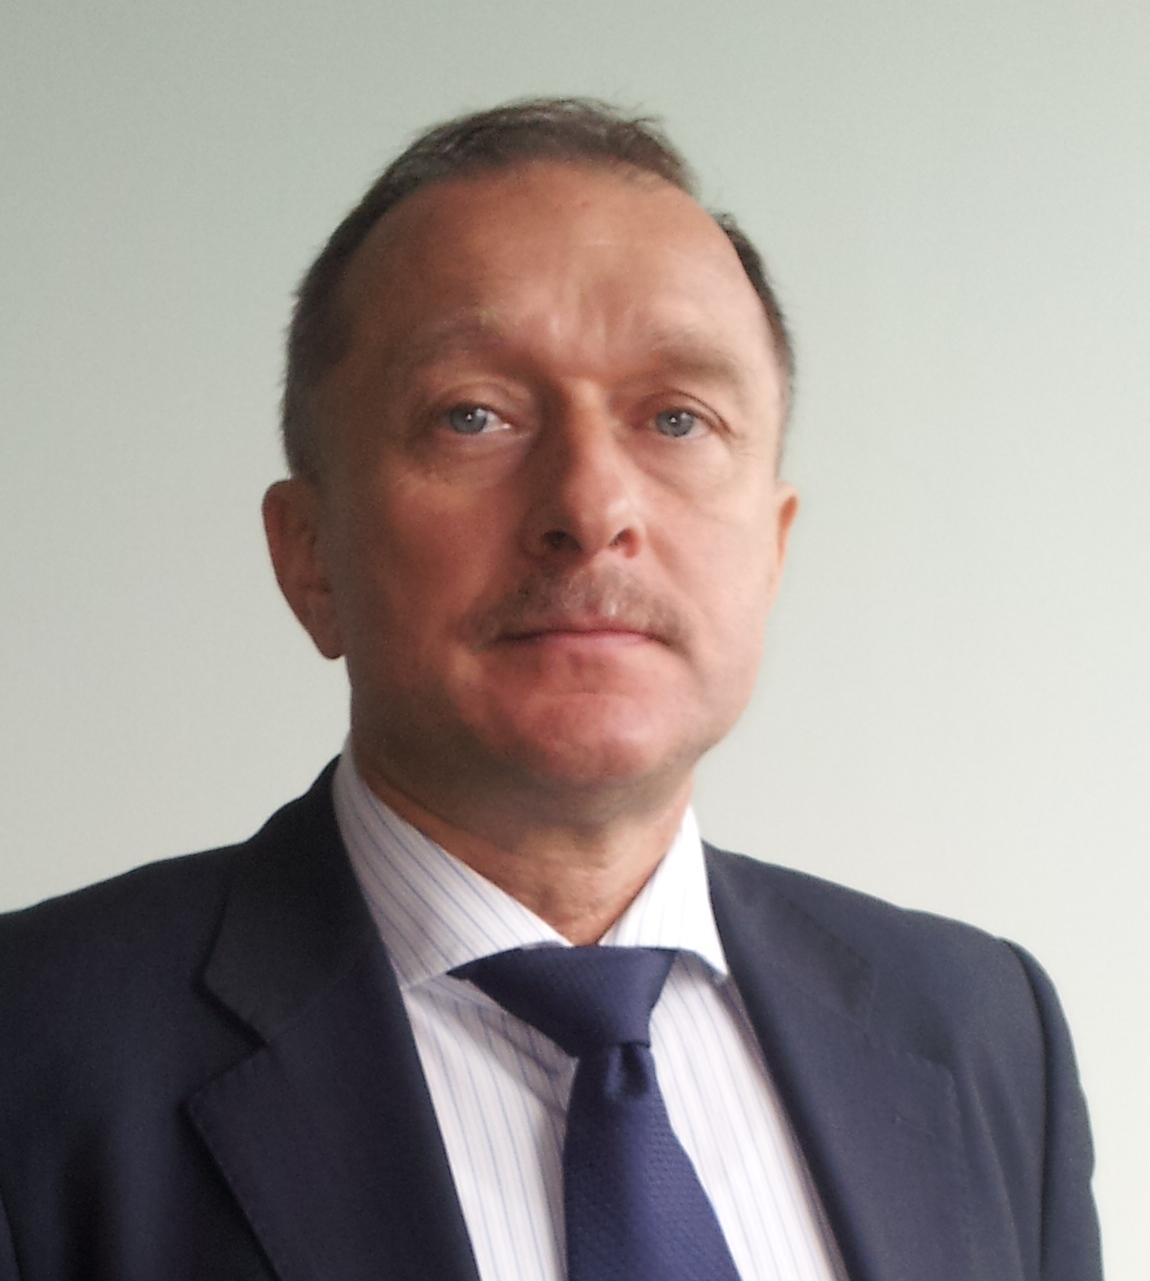 Grzegorz Brzoskowski, Security Director CEE / Baltic, SANOFI